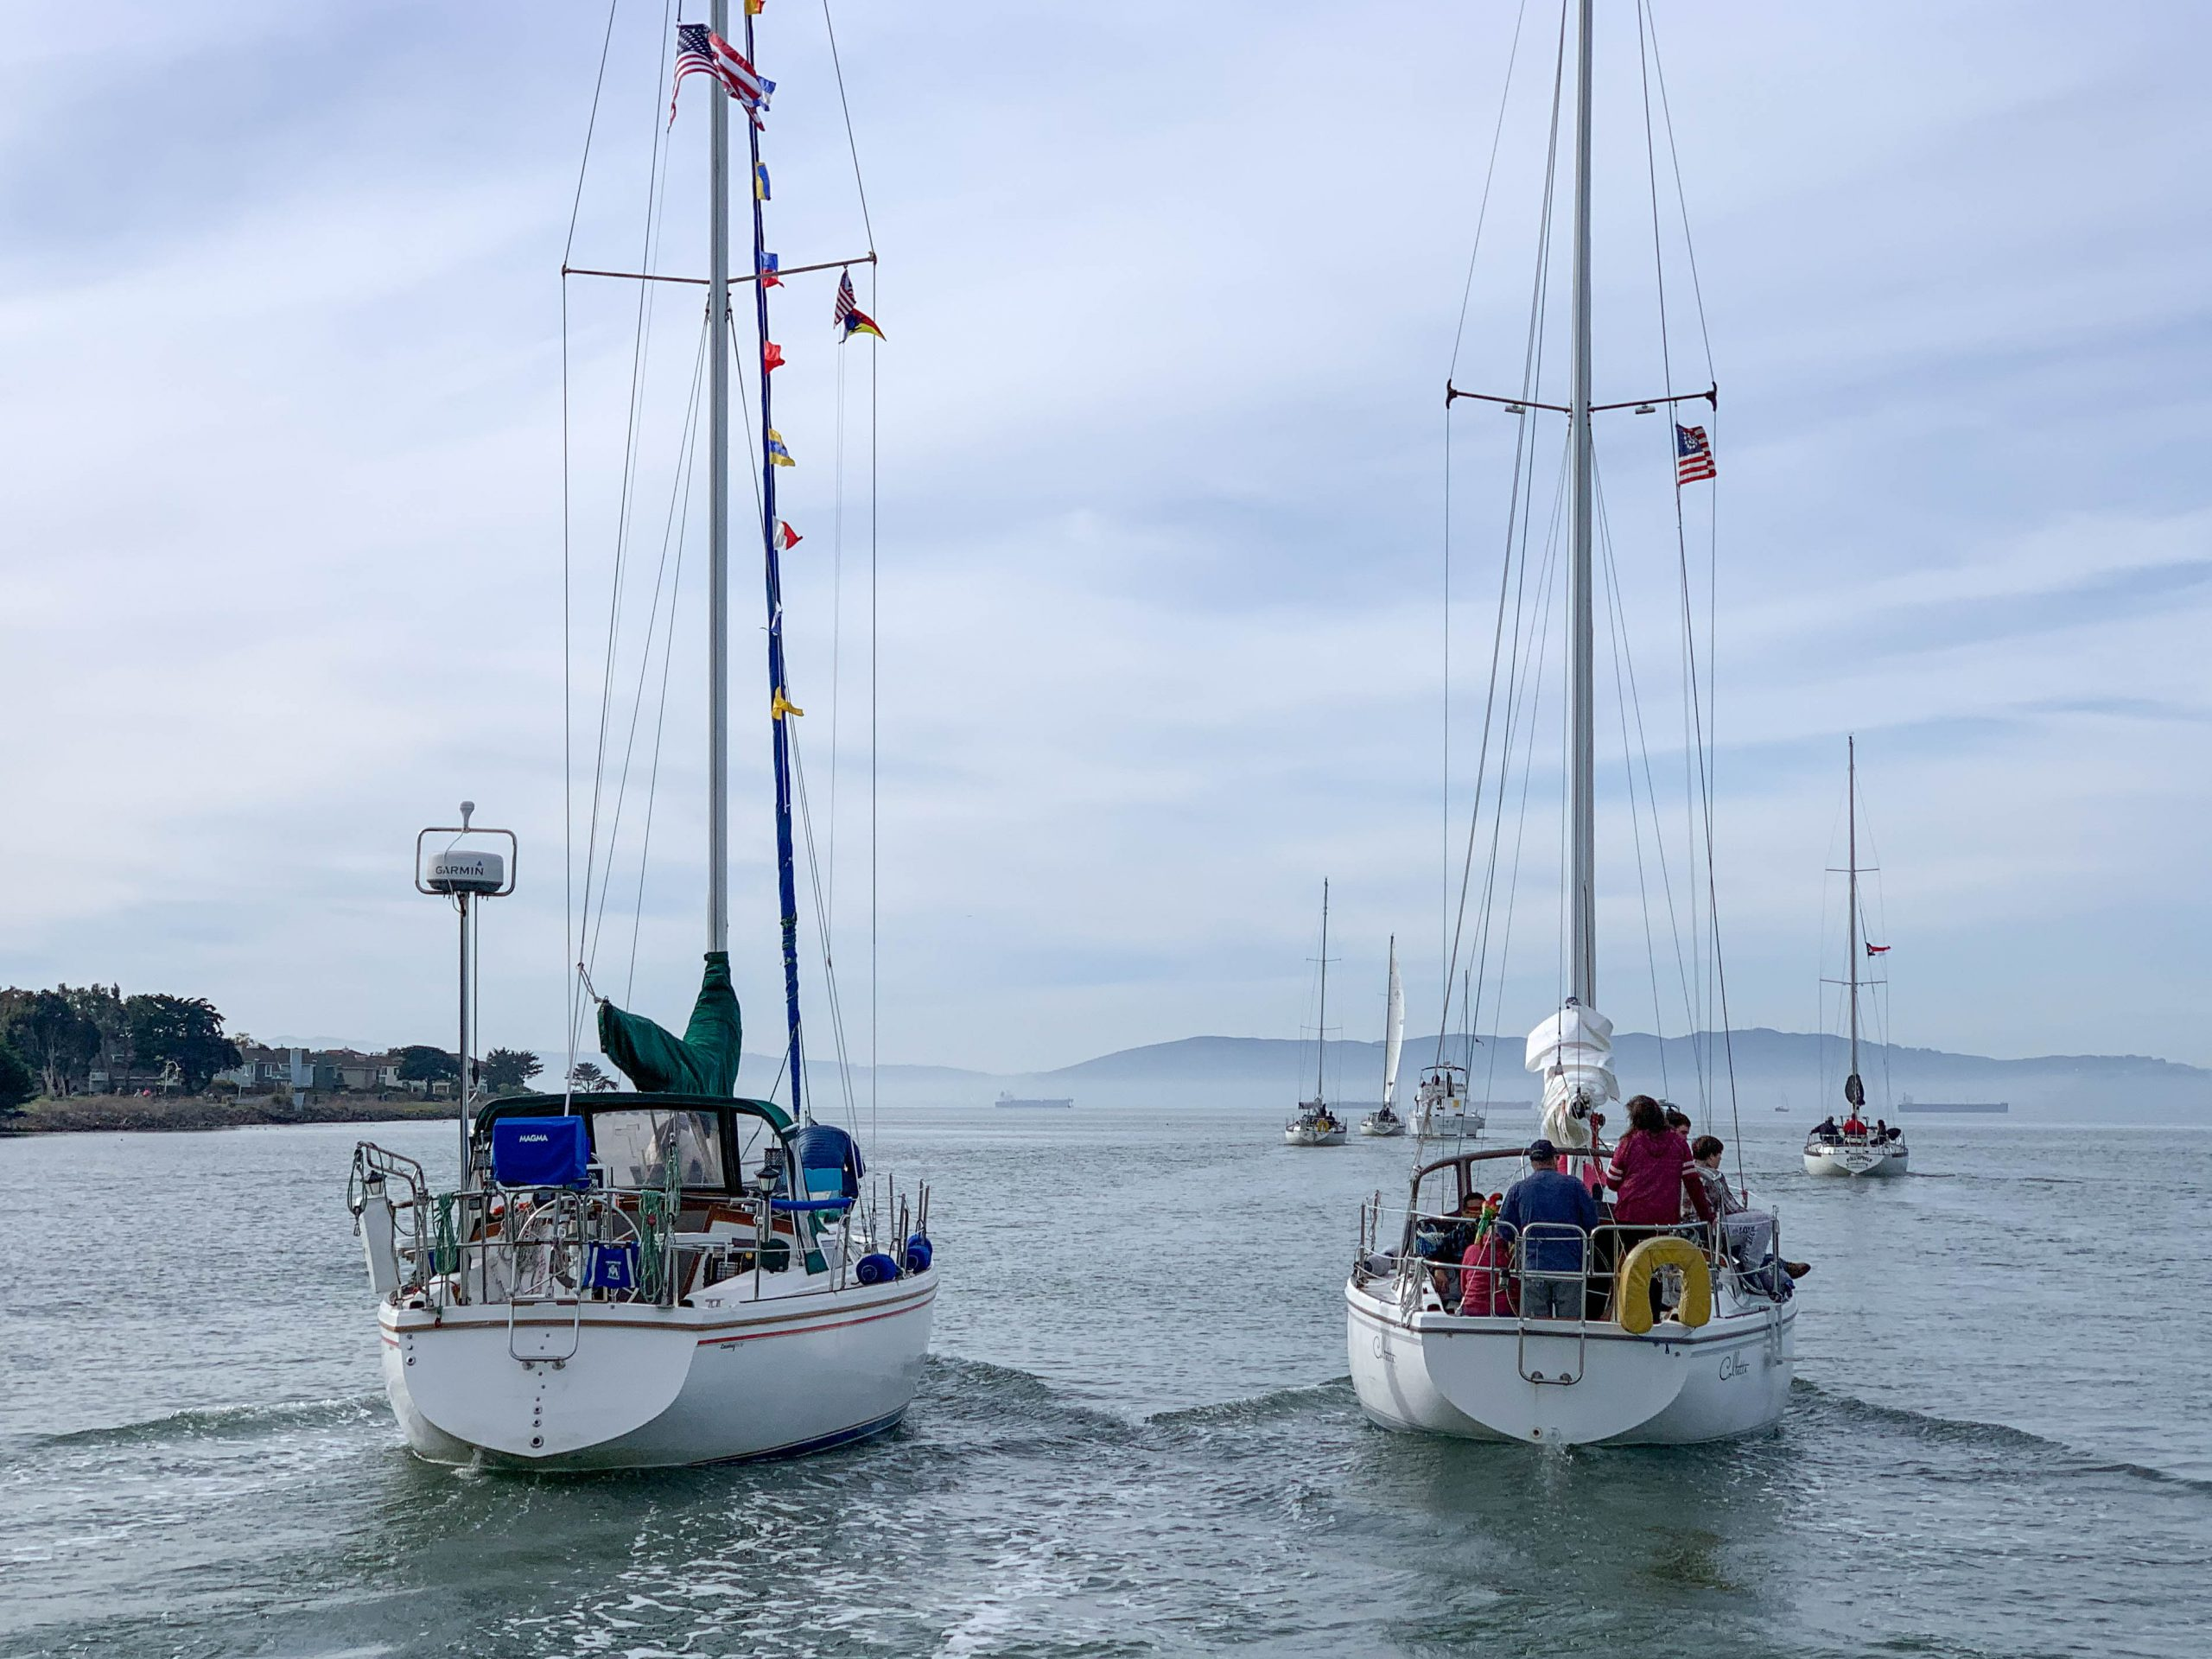 'Round the Island fleet